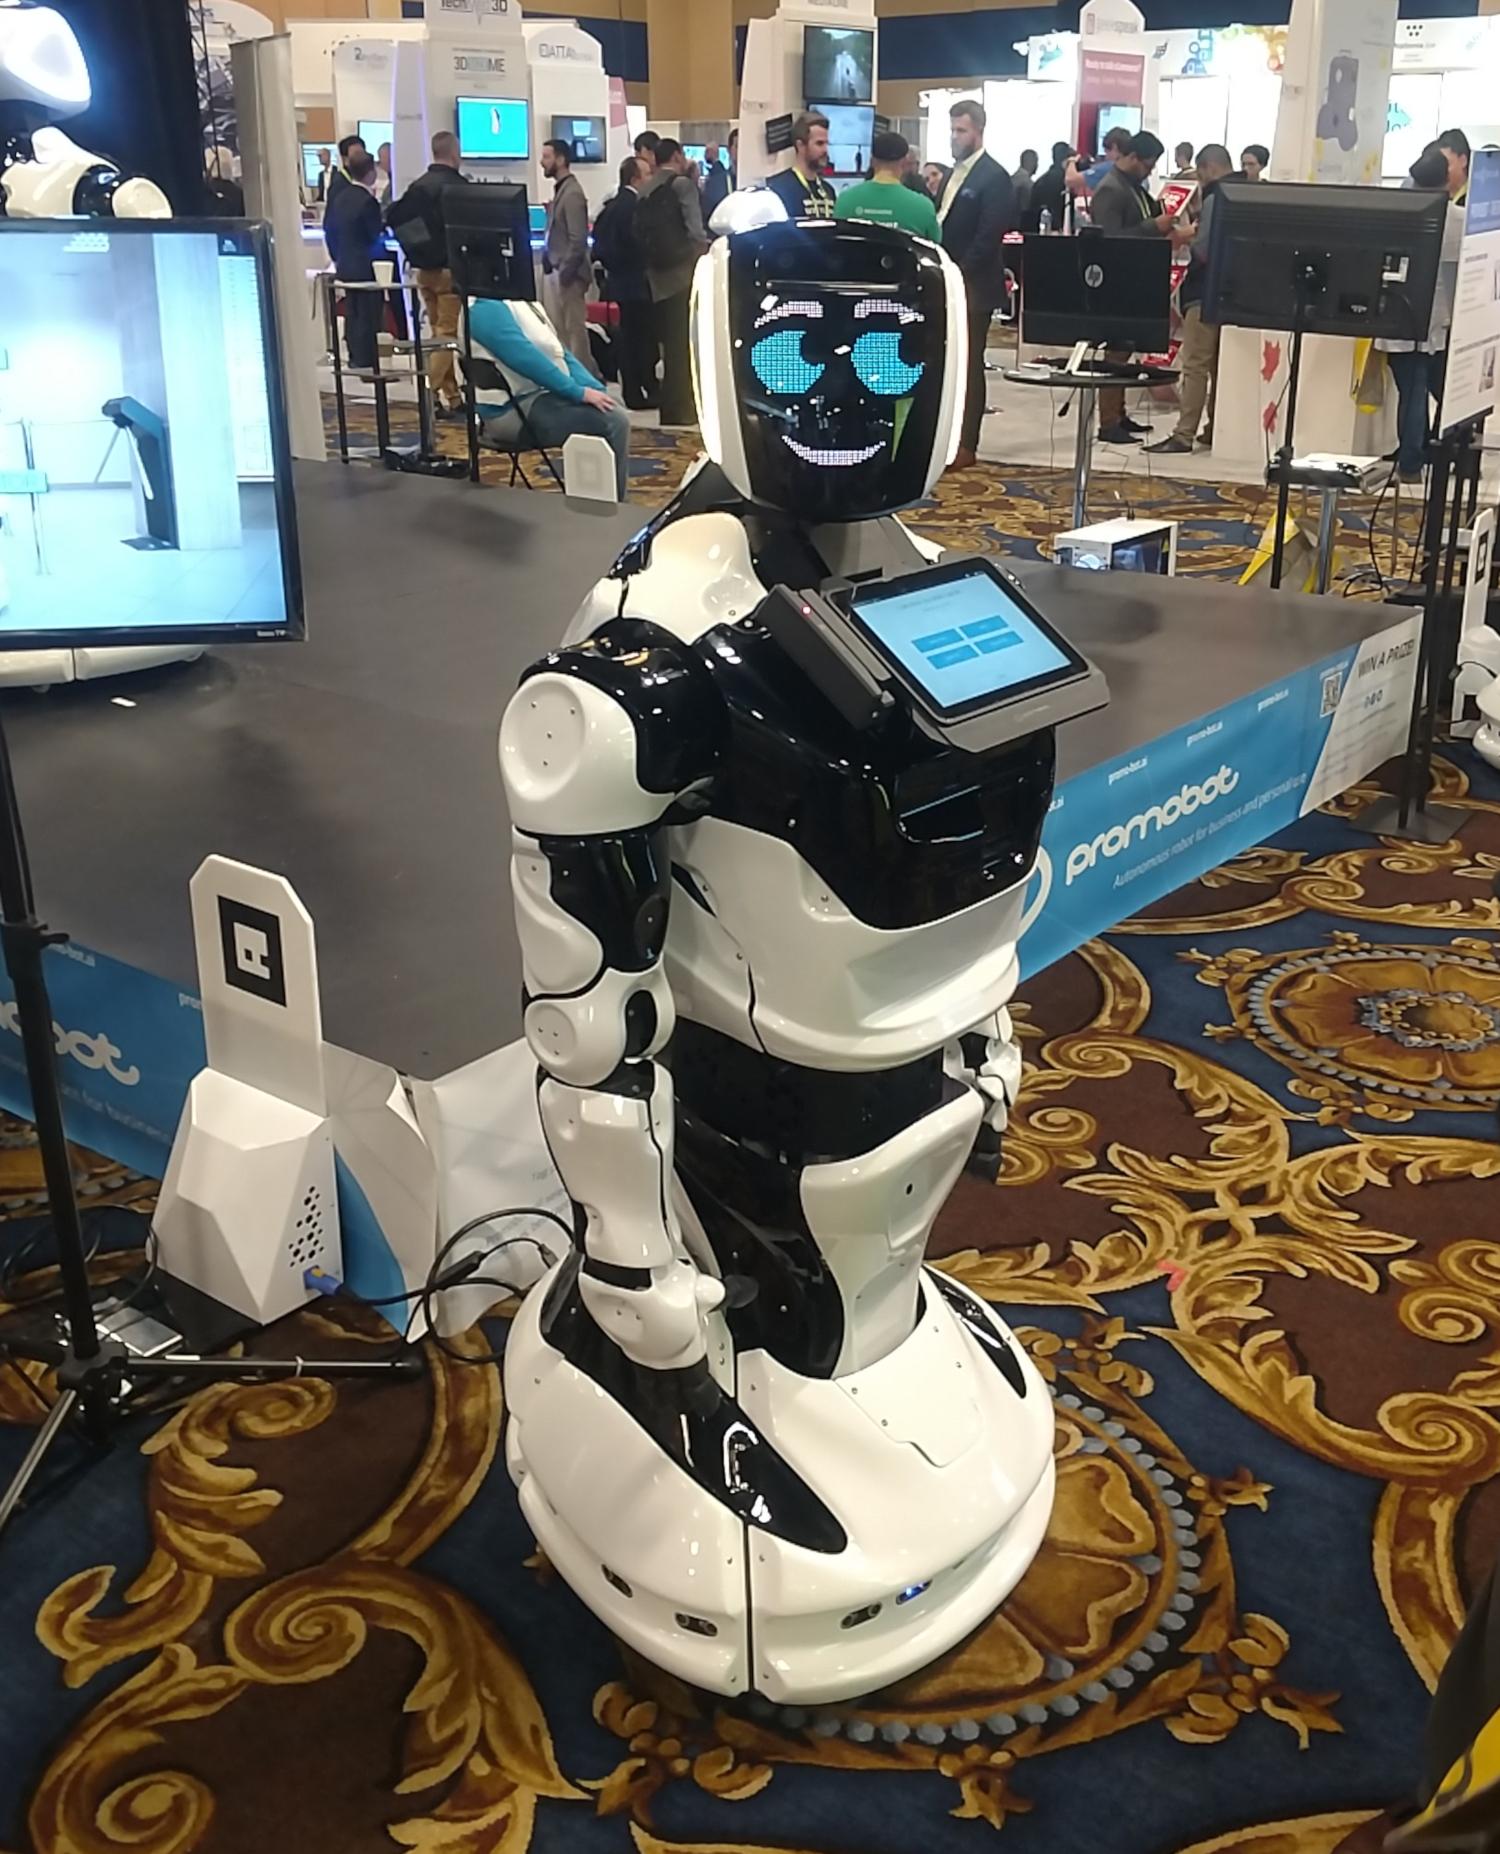 Un robot humanoïde présenté au CES 2019 (crédits: Michael Sauers / Flickr Creative Commons Attribution - Pas d'Utilisation Commerciale 2.0 Générique (CC BY-NC 2.0))